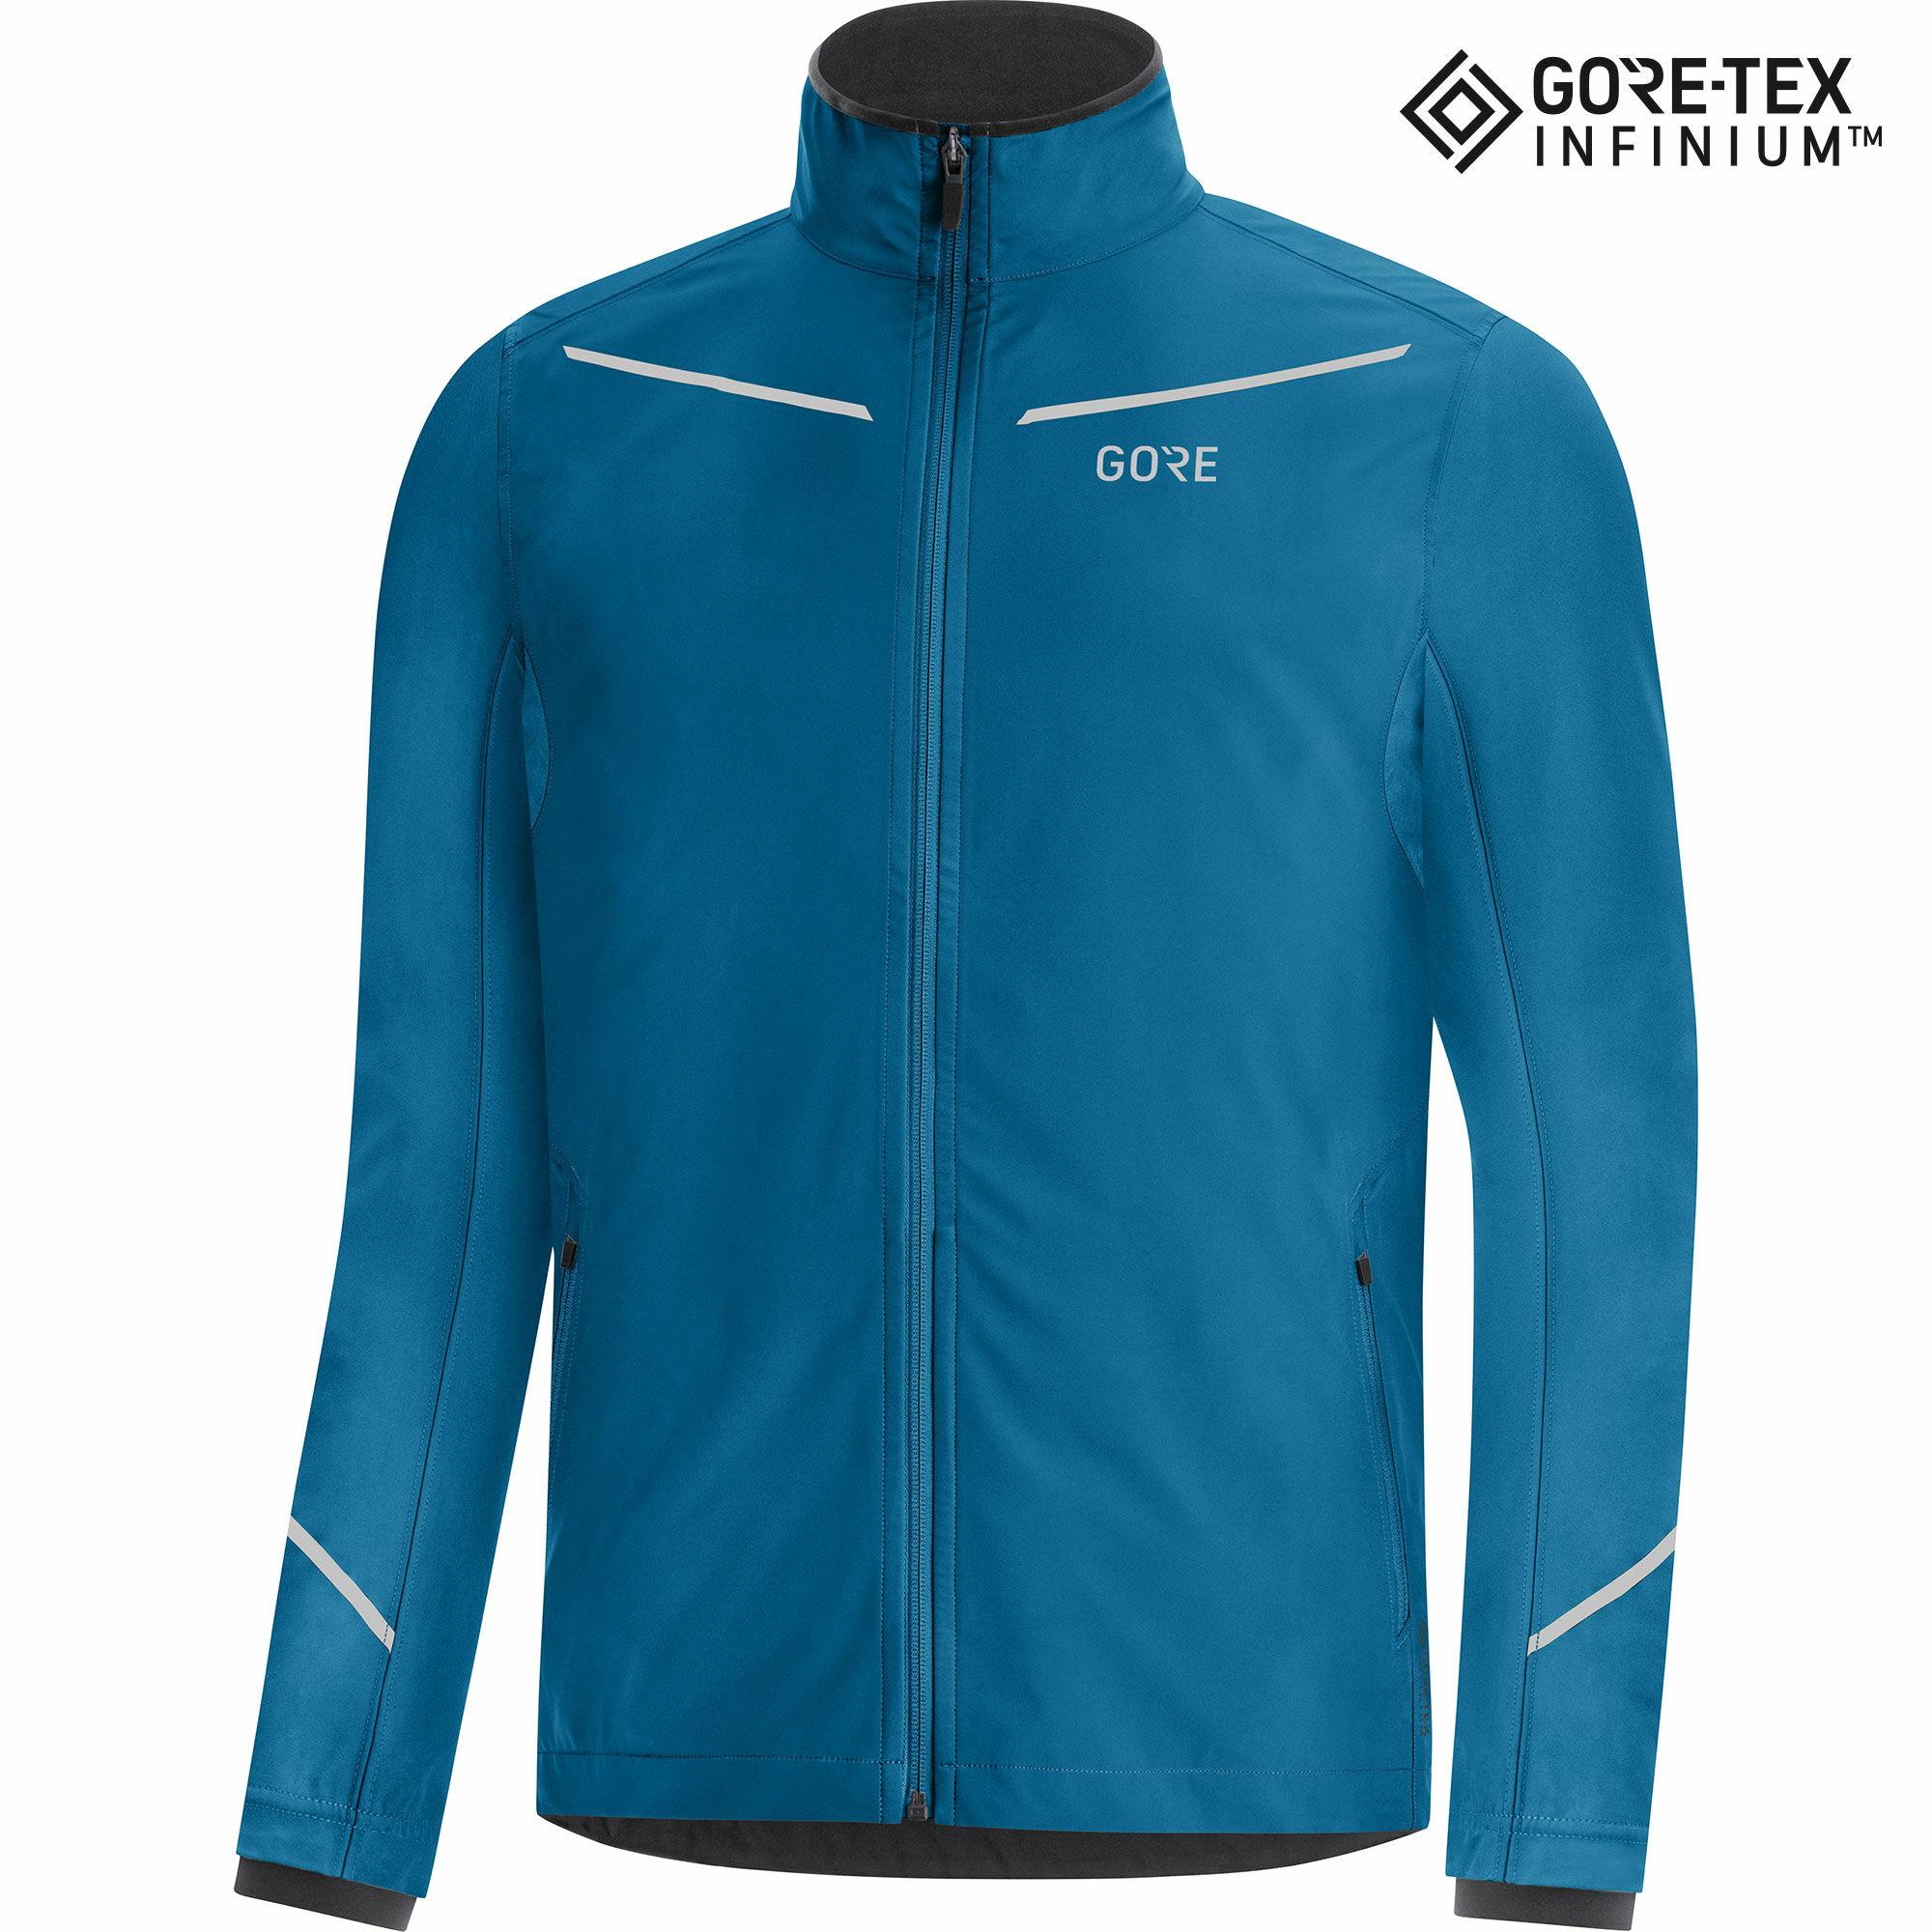 Gore R3 Gore-Tex Infinium Partial Jacket (Sphere Blue)